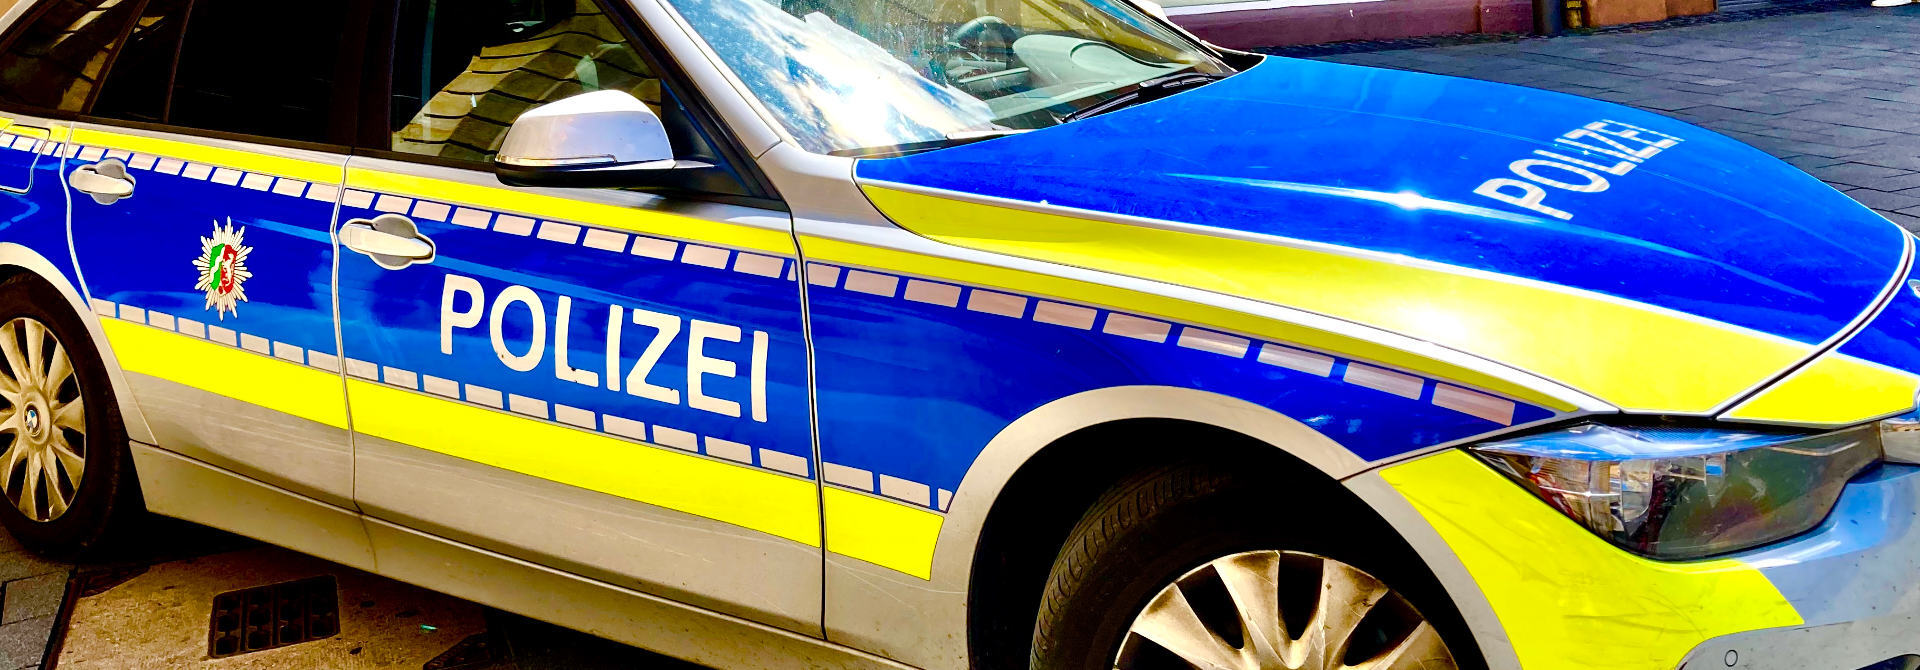 Verkehrsverstoß in der Probezeit in NRW